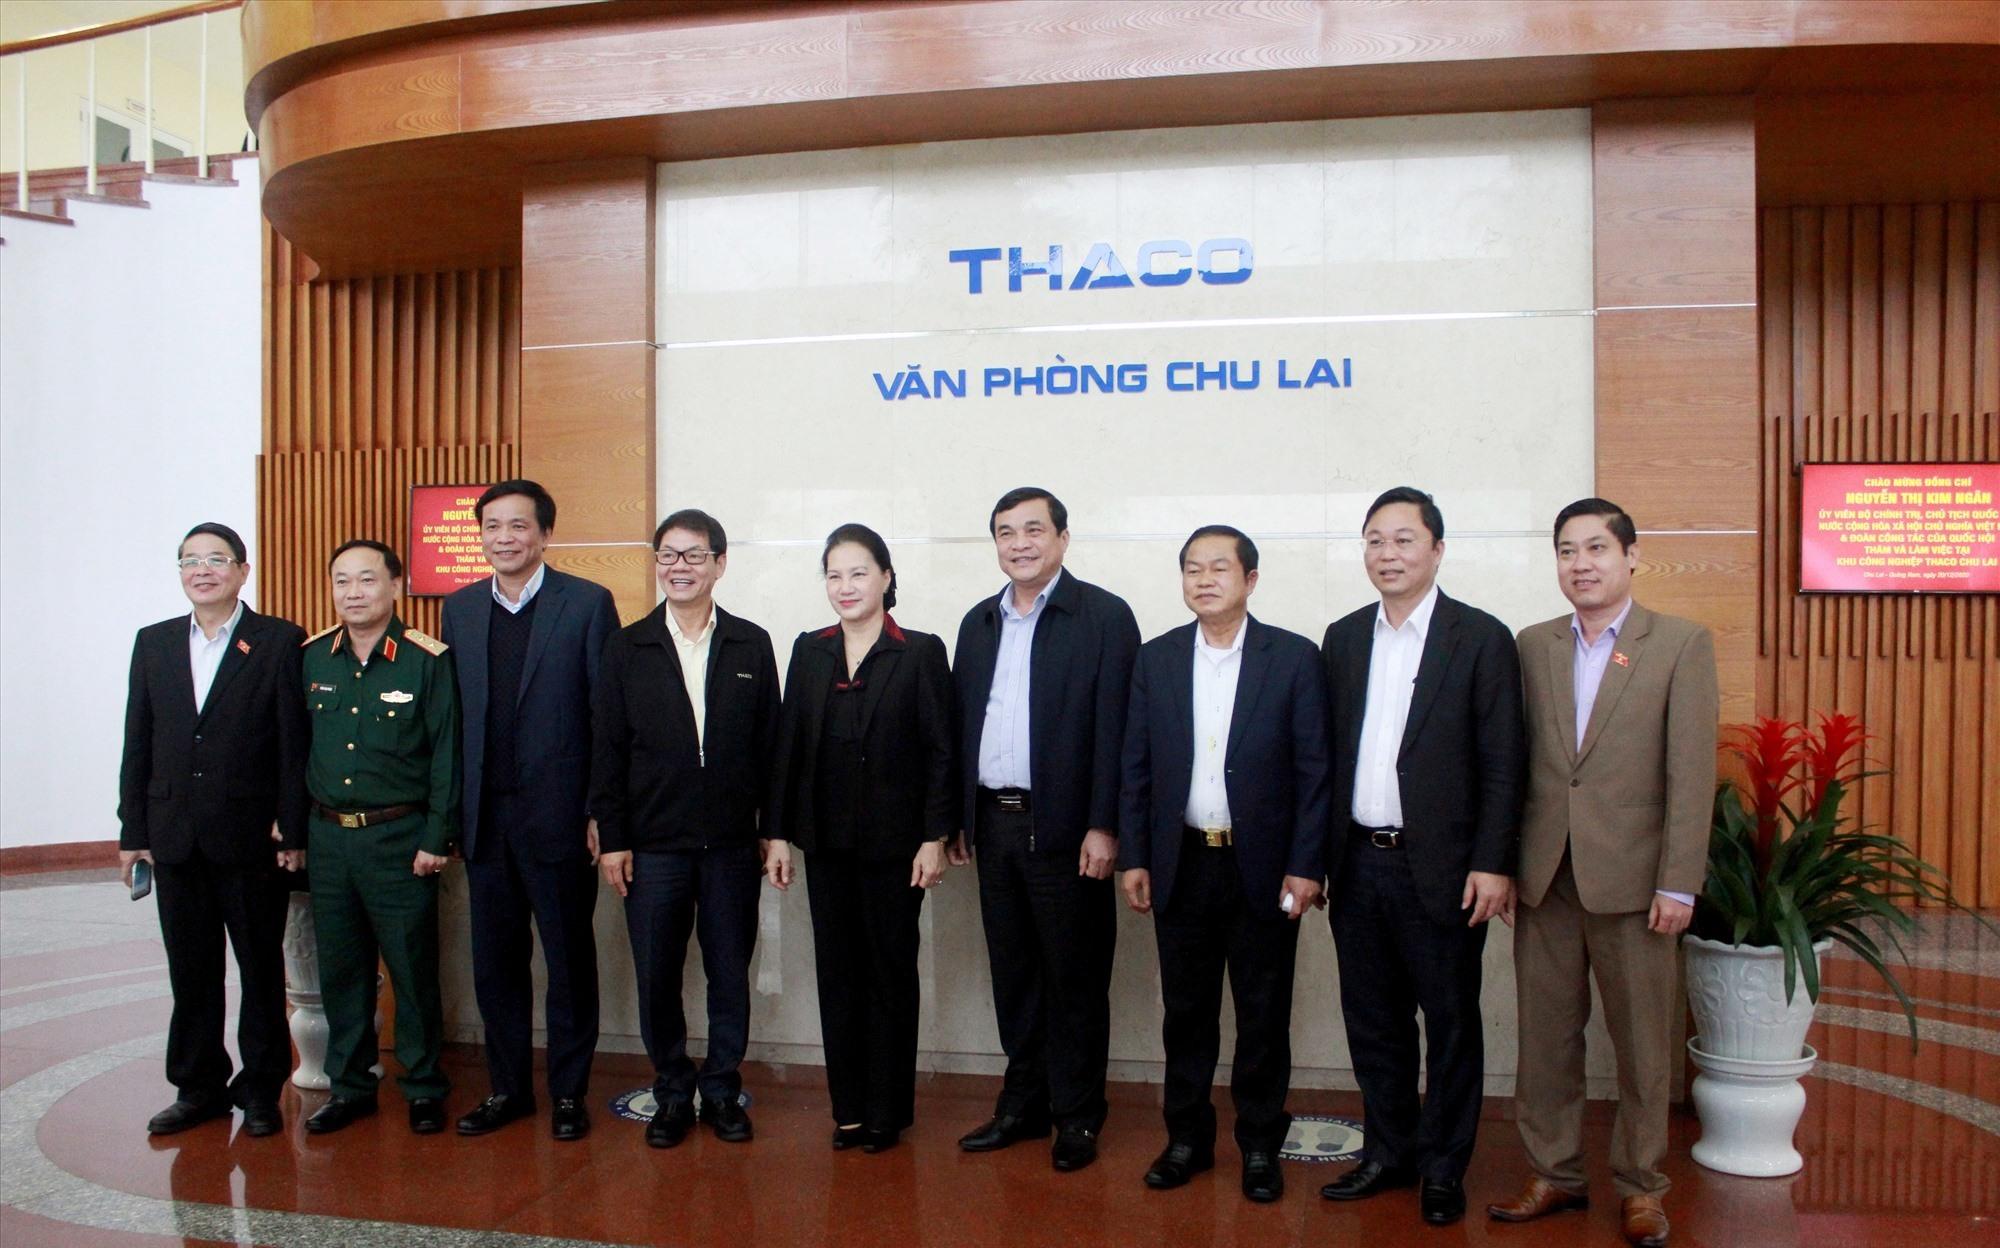 Đoàn công tác và lãnh đạo tỉnh chụp hình lưu niệm tại THACO Chu Lai.